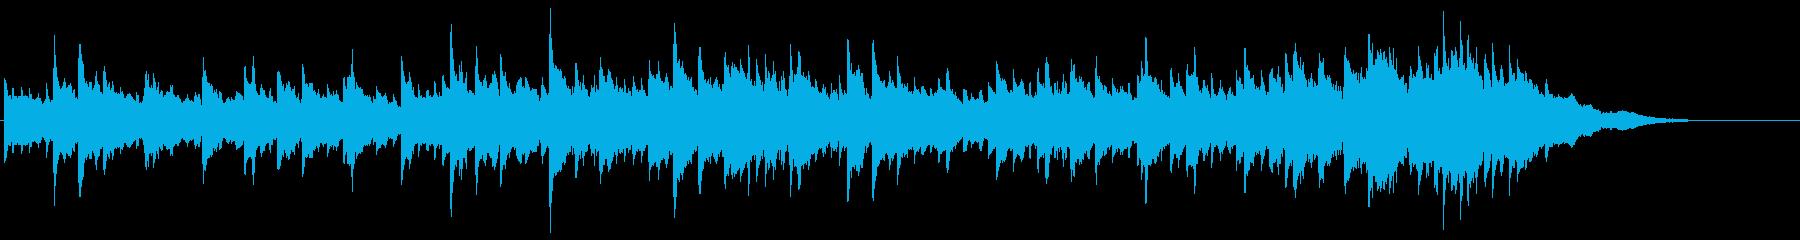 ノクターン 第5番(フィールド作曲)の再生済みの波形